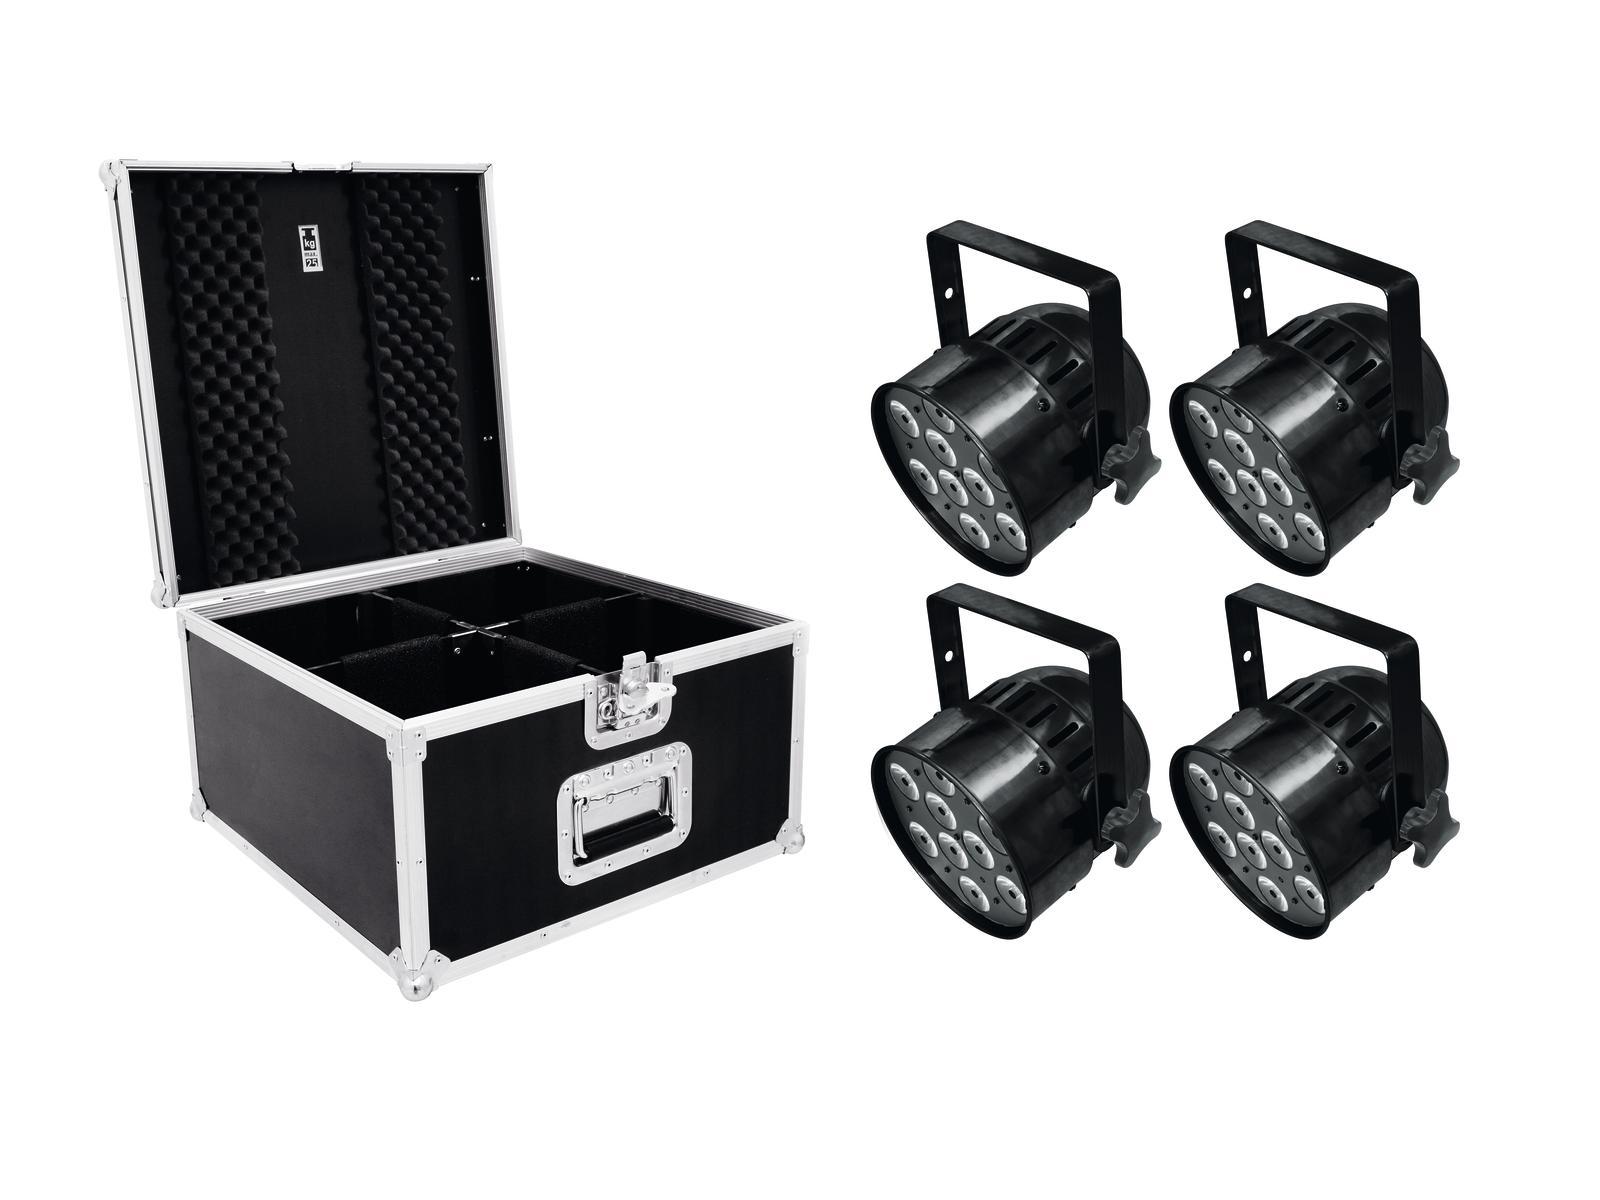 eurolite-set-4x-led-par-56-hcl-short-sw-pro-case